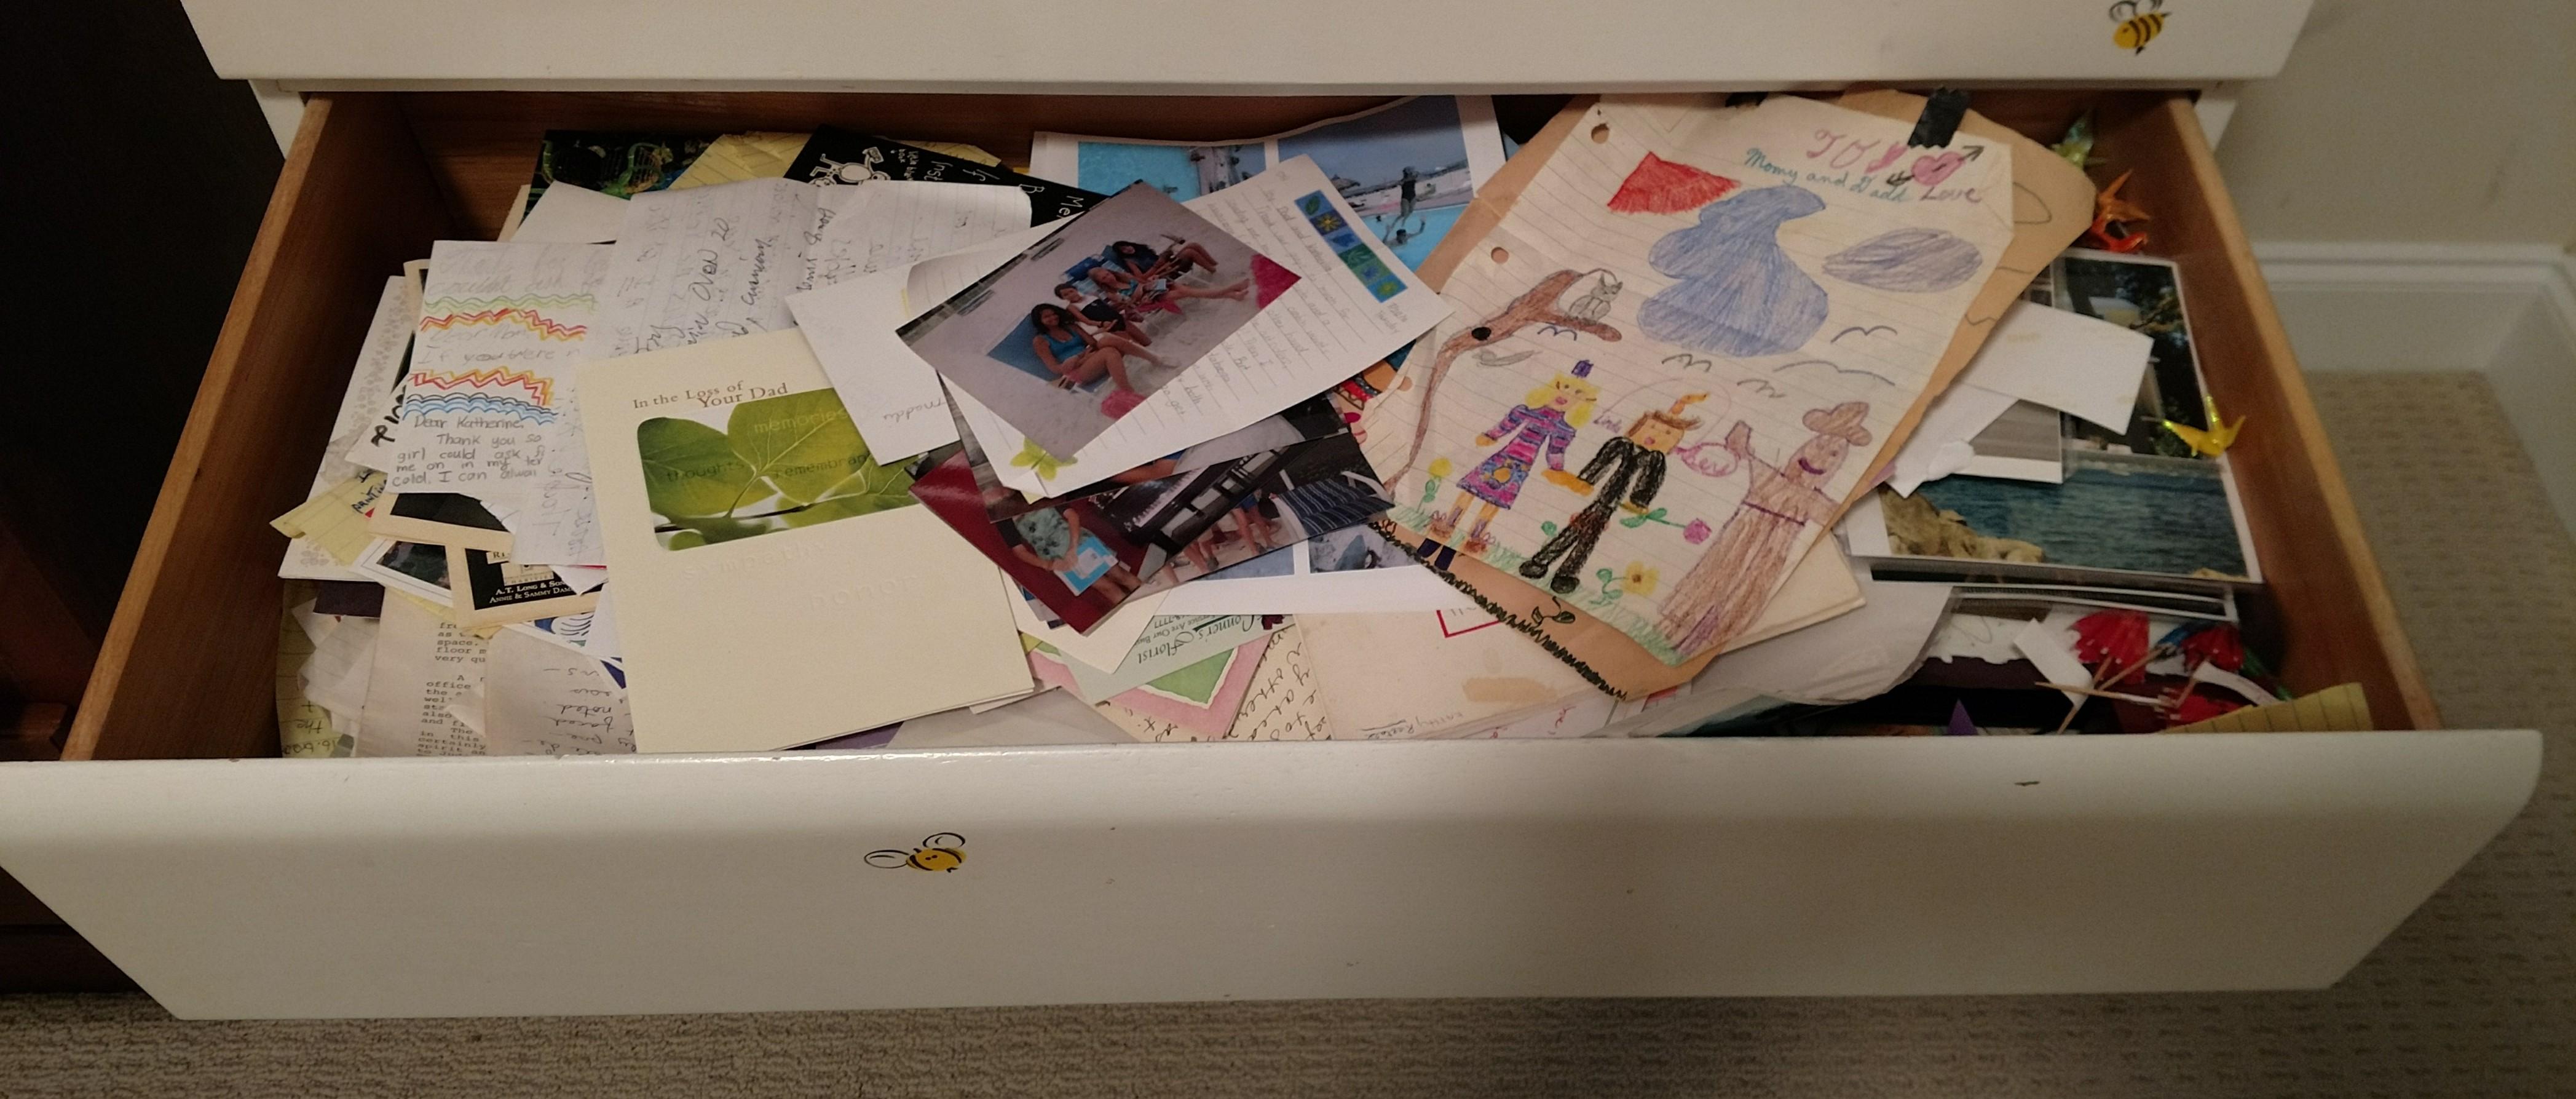 Organizing Photos & Memorabilia